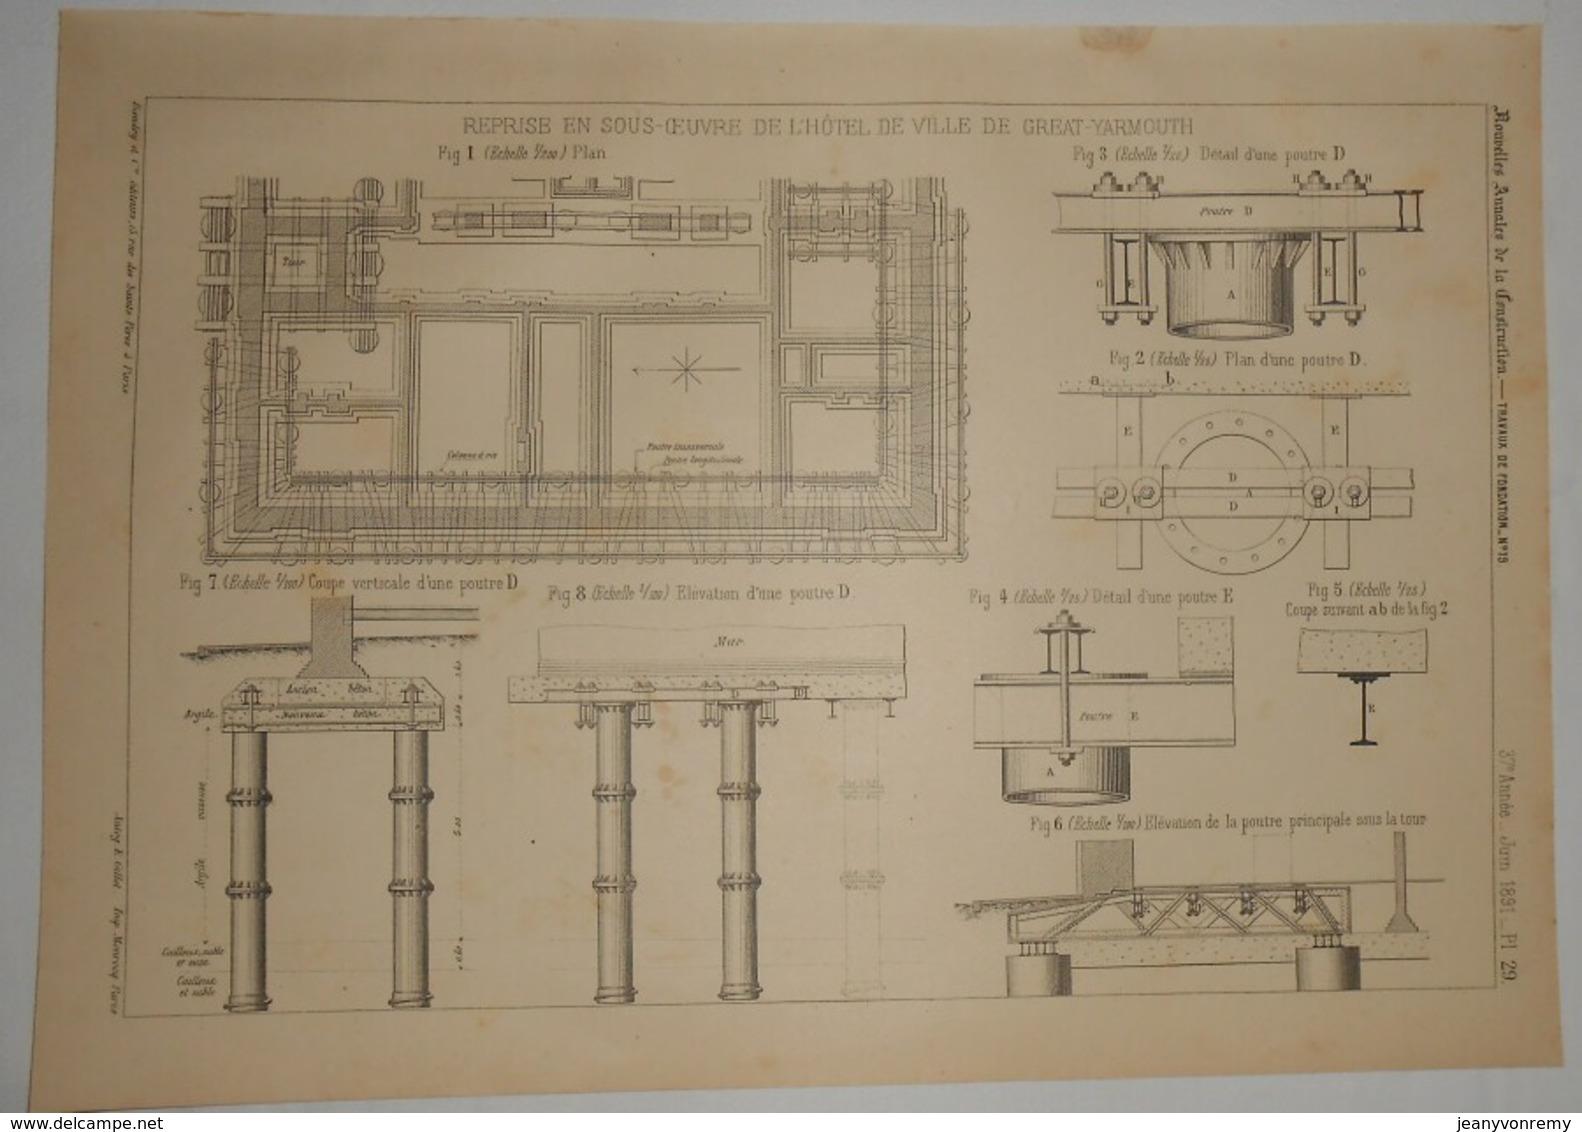 Plan De L'Hôtel De Ville De Great Yarmouth. Angleterre. 1891. - Travaux Publics